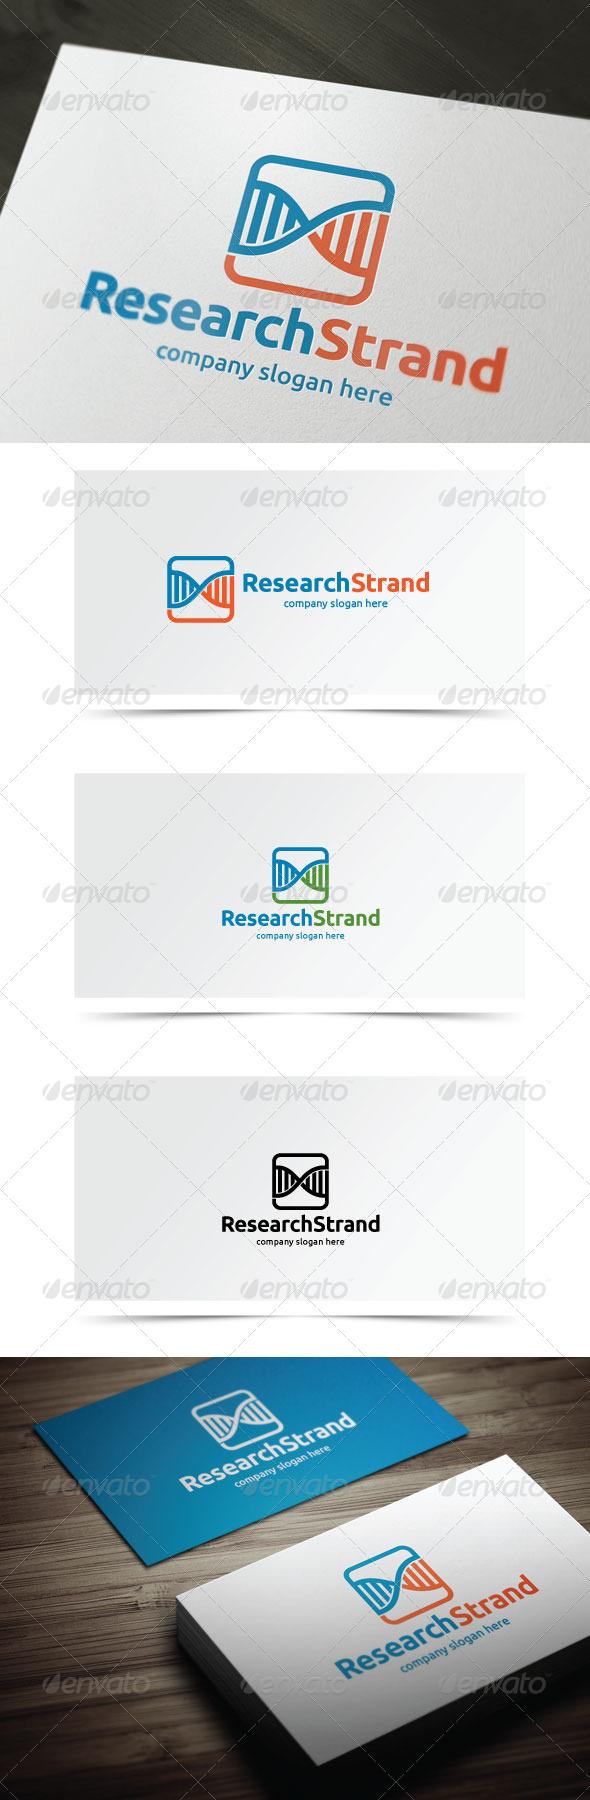 GraphicRiver Research Strand 6704881